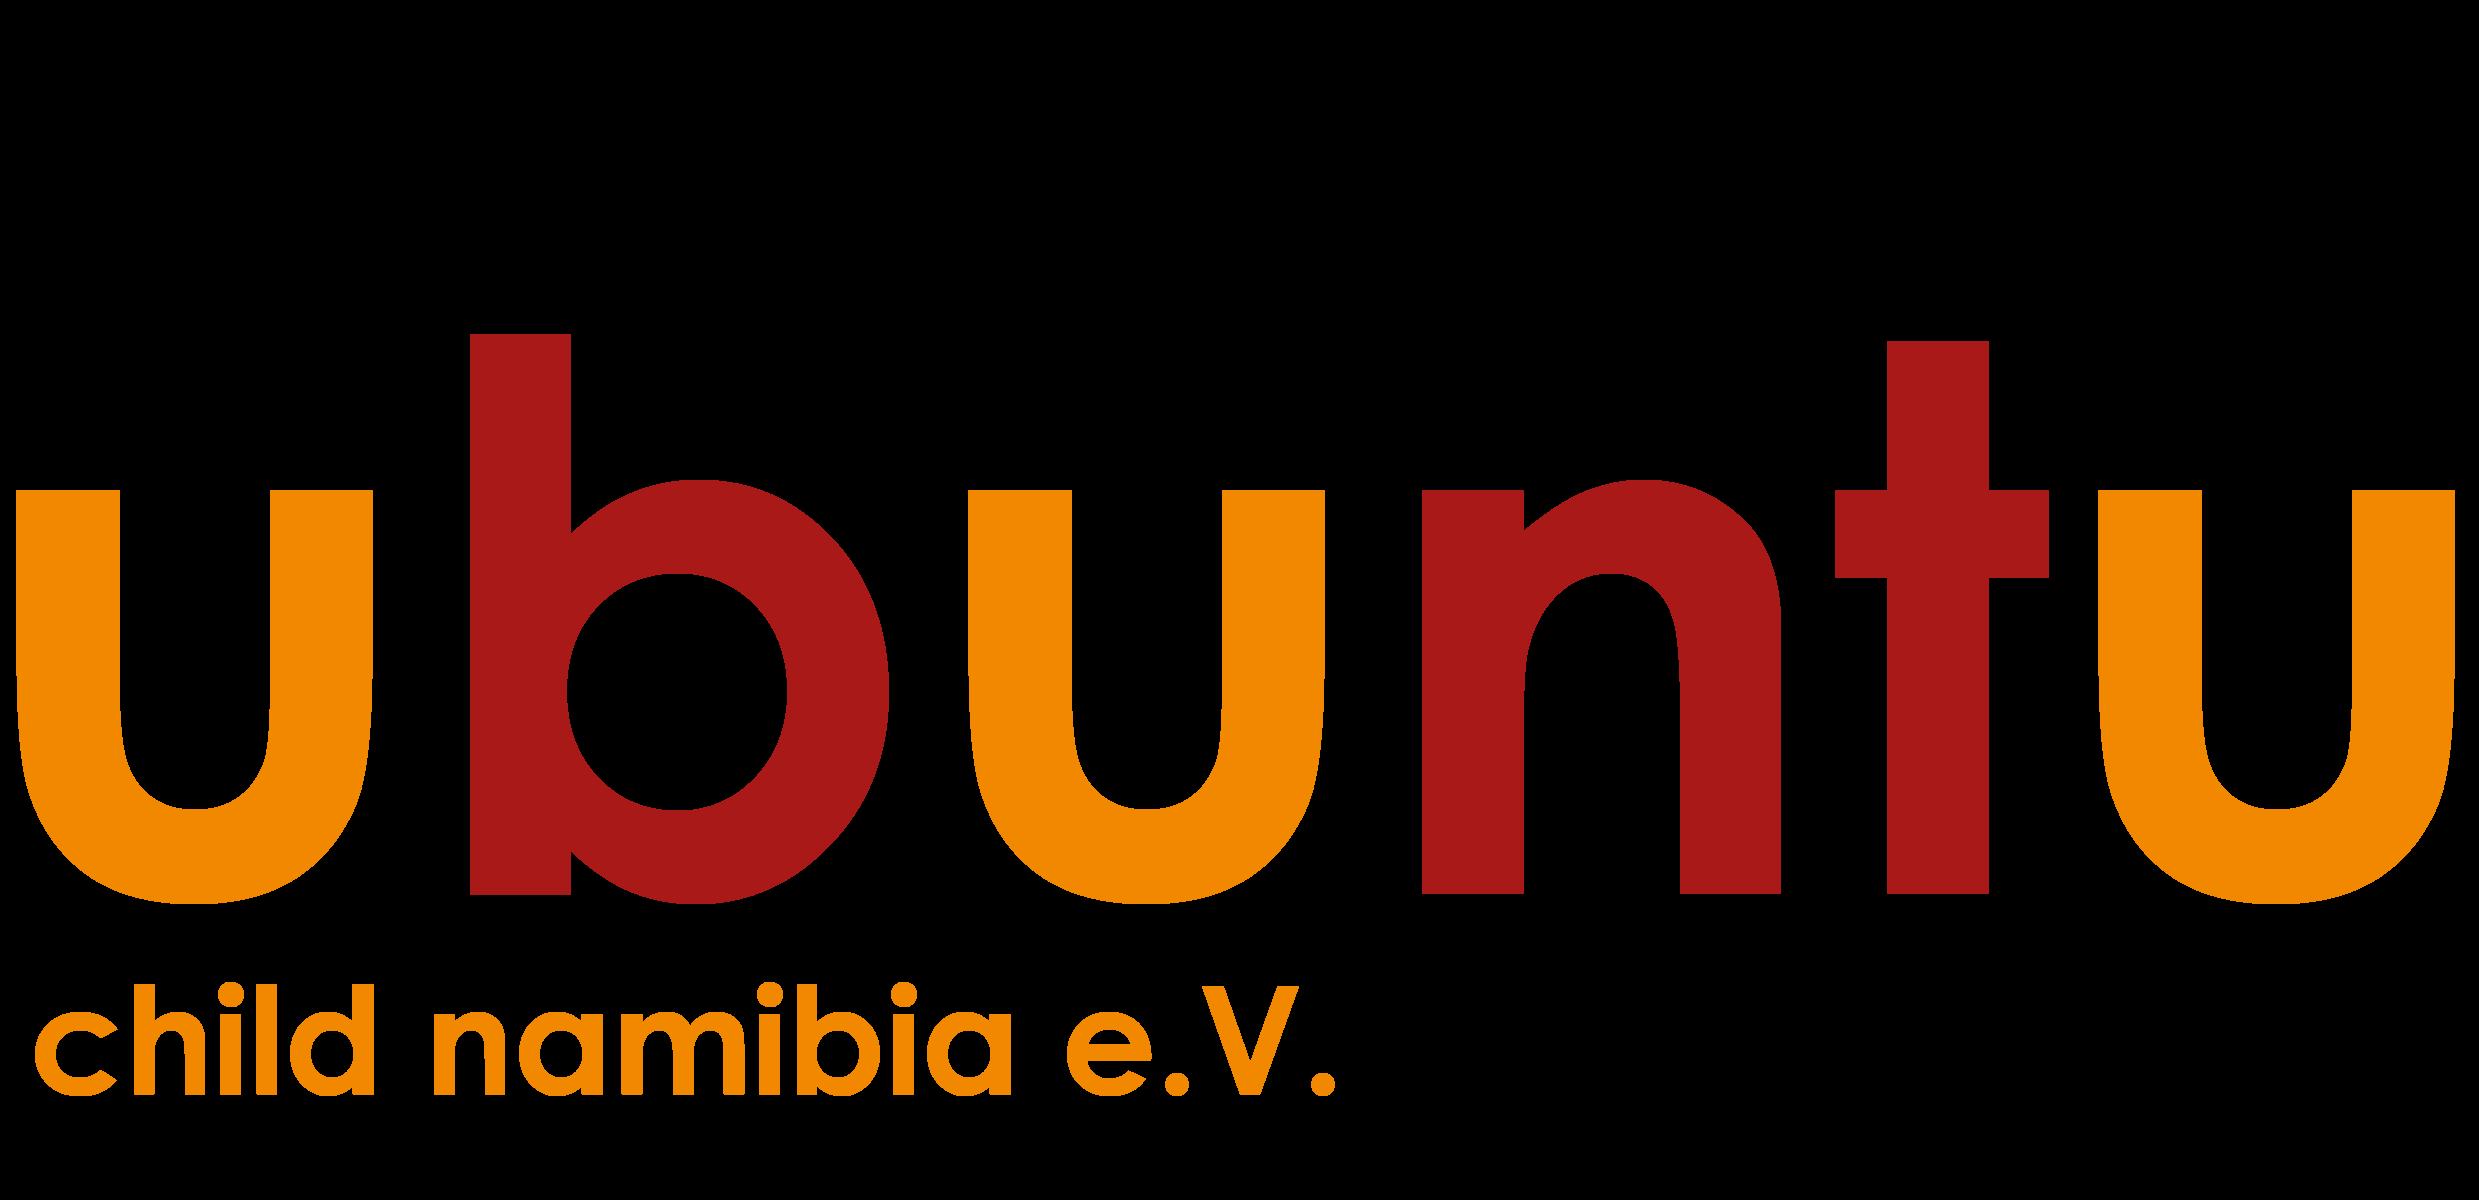 Ubuntu child Namibia e.V